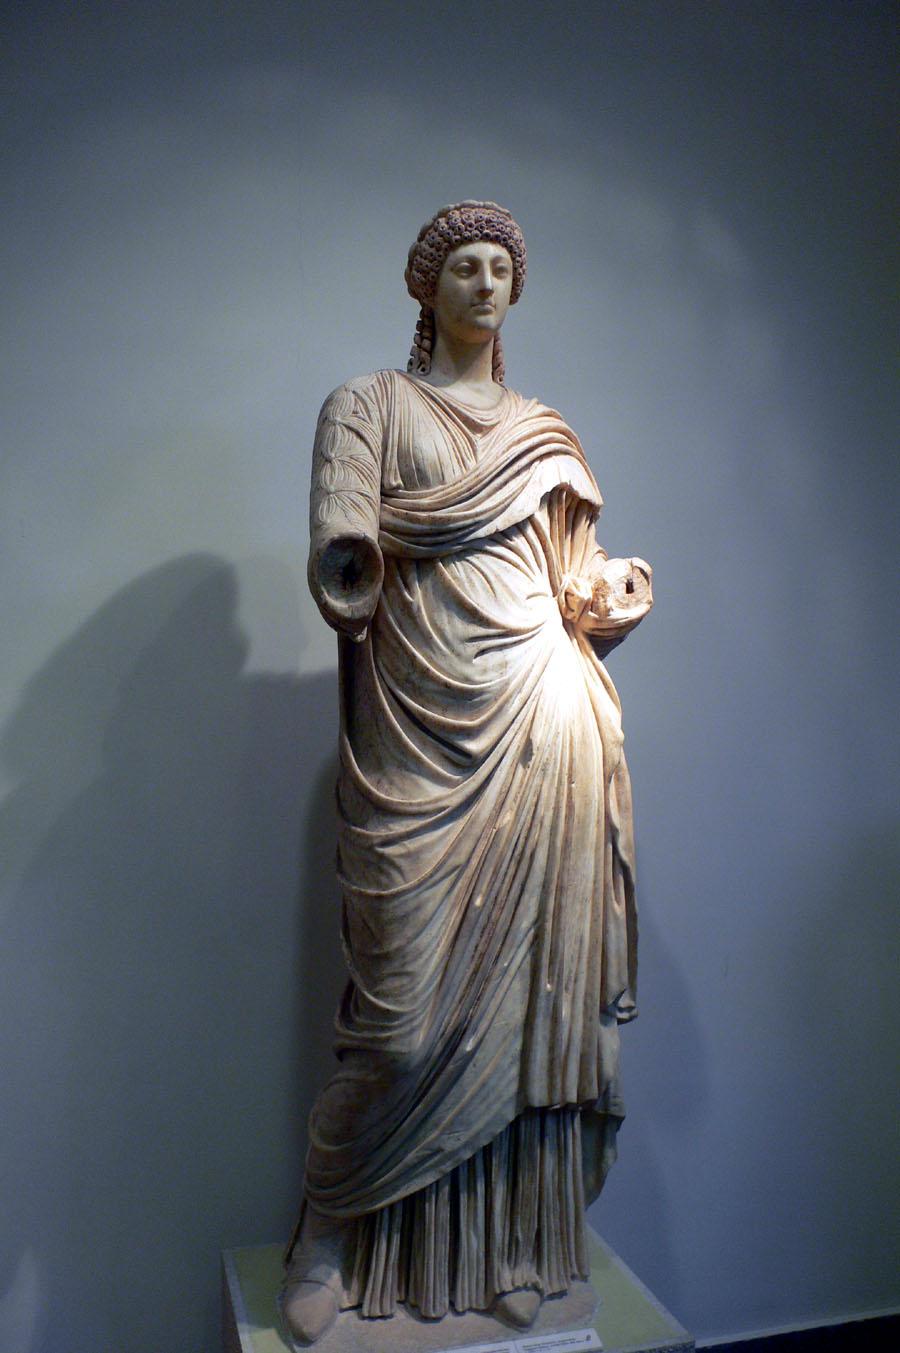 פסל של פופיאה סבינה, אשתו של הקיסר נירון, עמה נפגש יוסף בביקורו ברומא בהיותו בן 26. הפסל מוצג במוזאון לארכאולוגיה של אולימפיה, יוון